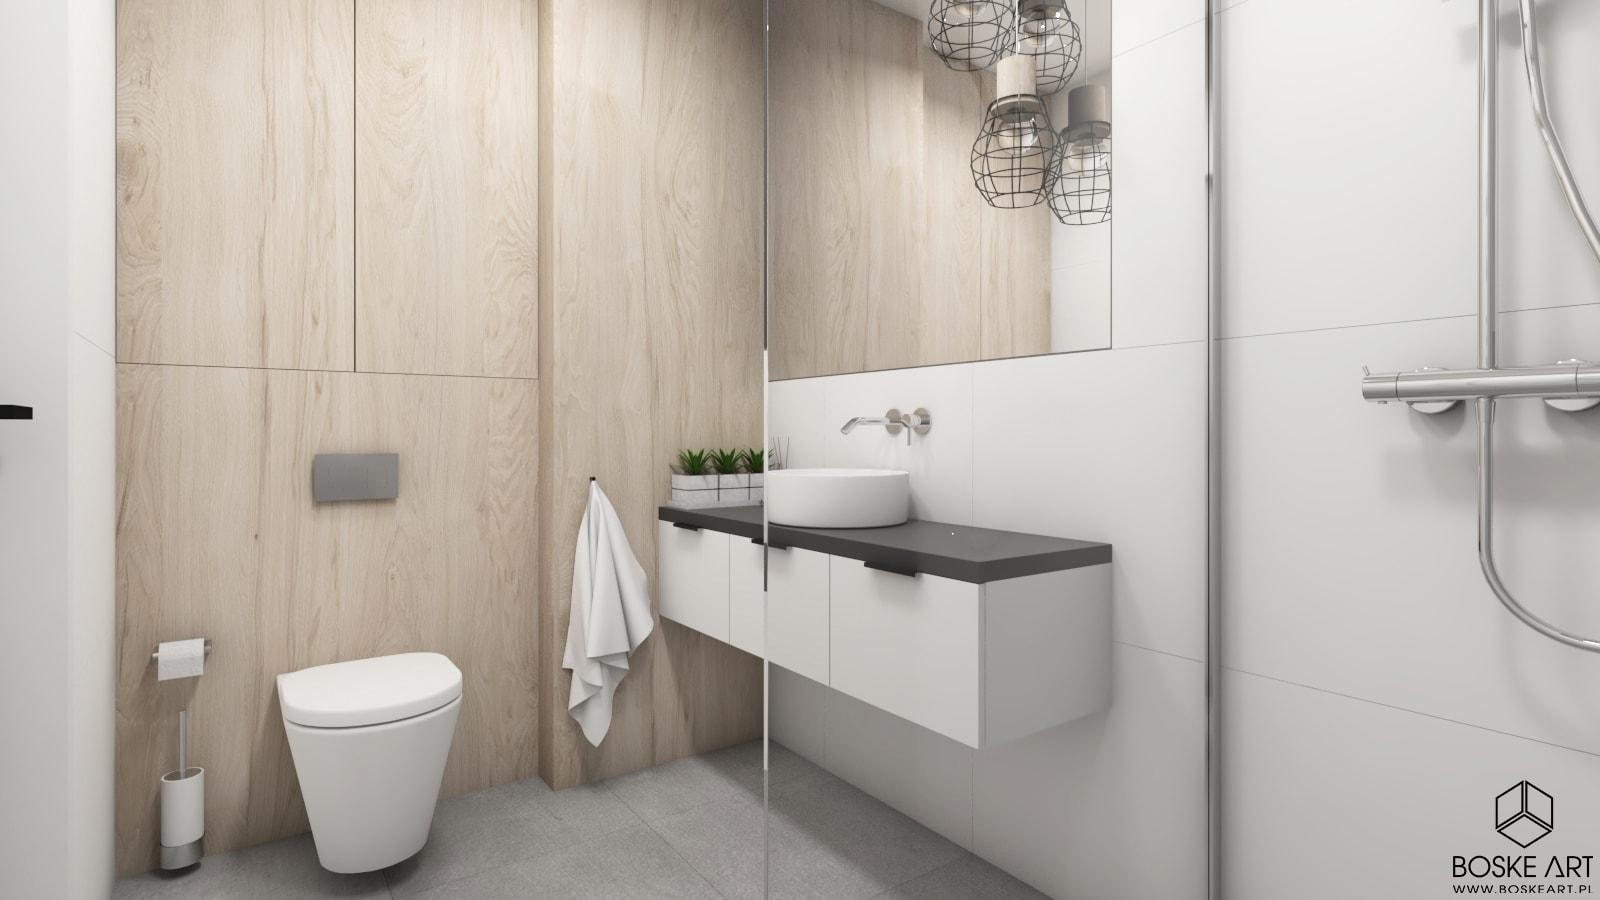 10_mieszkanie_gniezno_boske_art_projektowanie wnetrz_architektura_natalia_robaszkiewicz-min